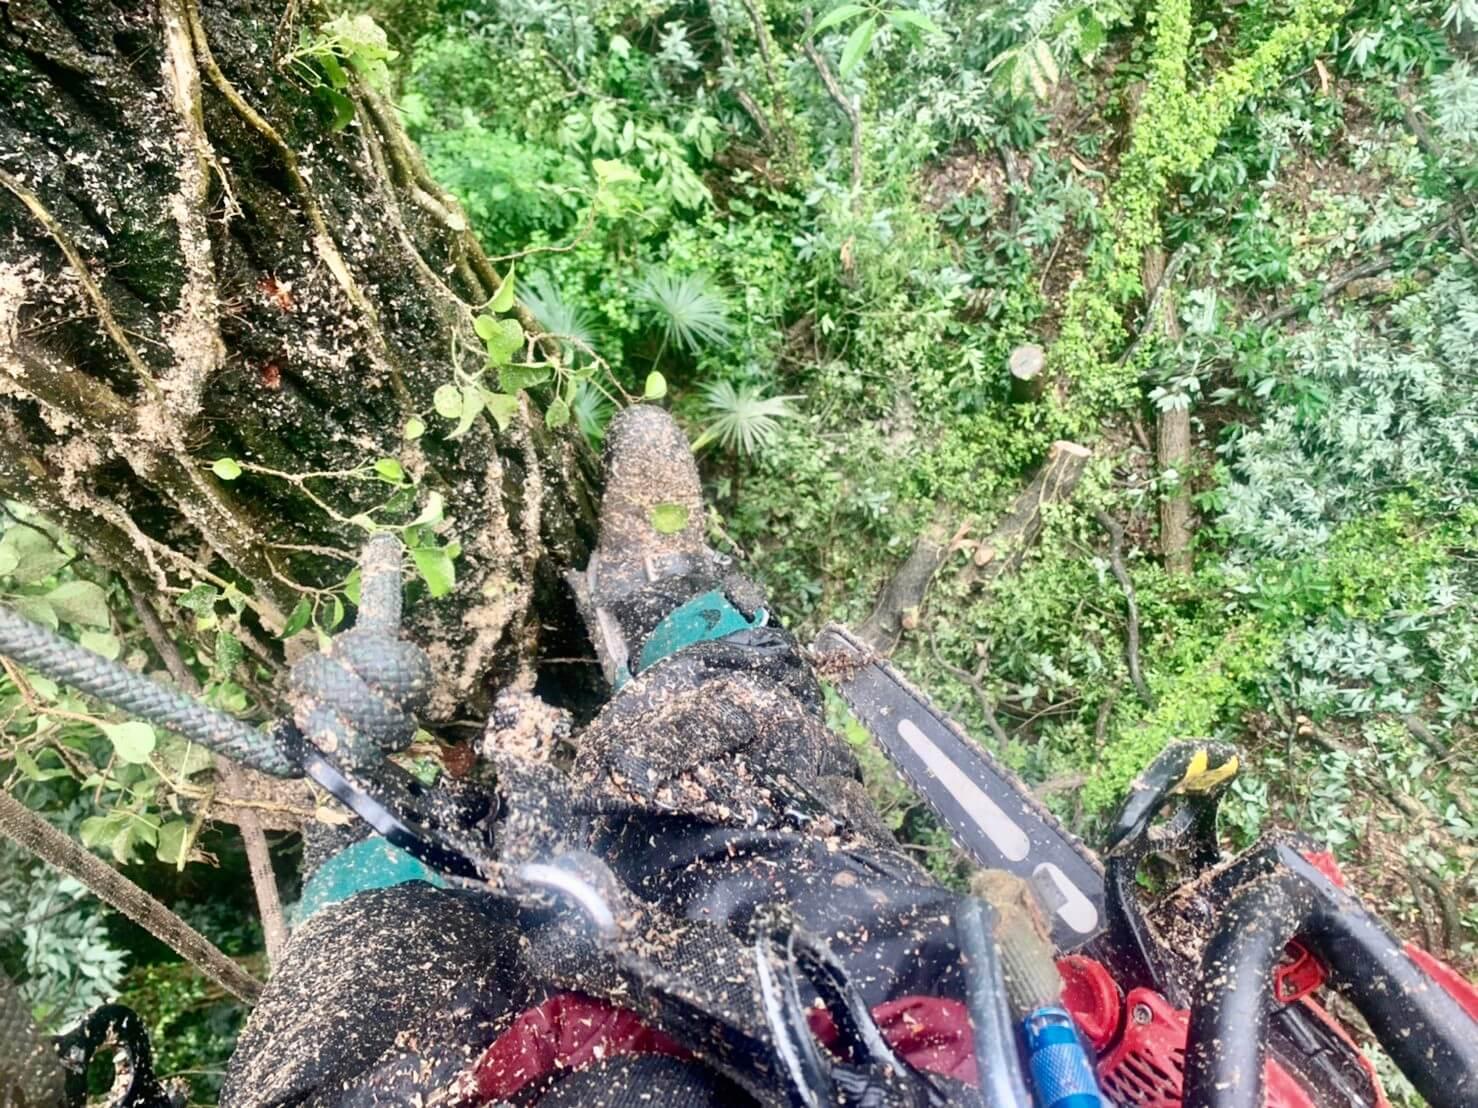 クライマー田嶋の視点。幹にはカズラが巻き付き弱っている木も多くありました